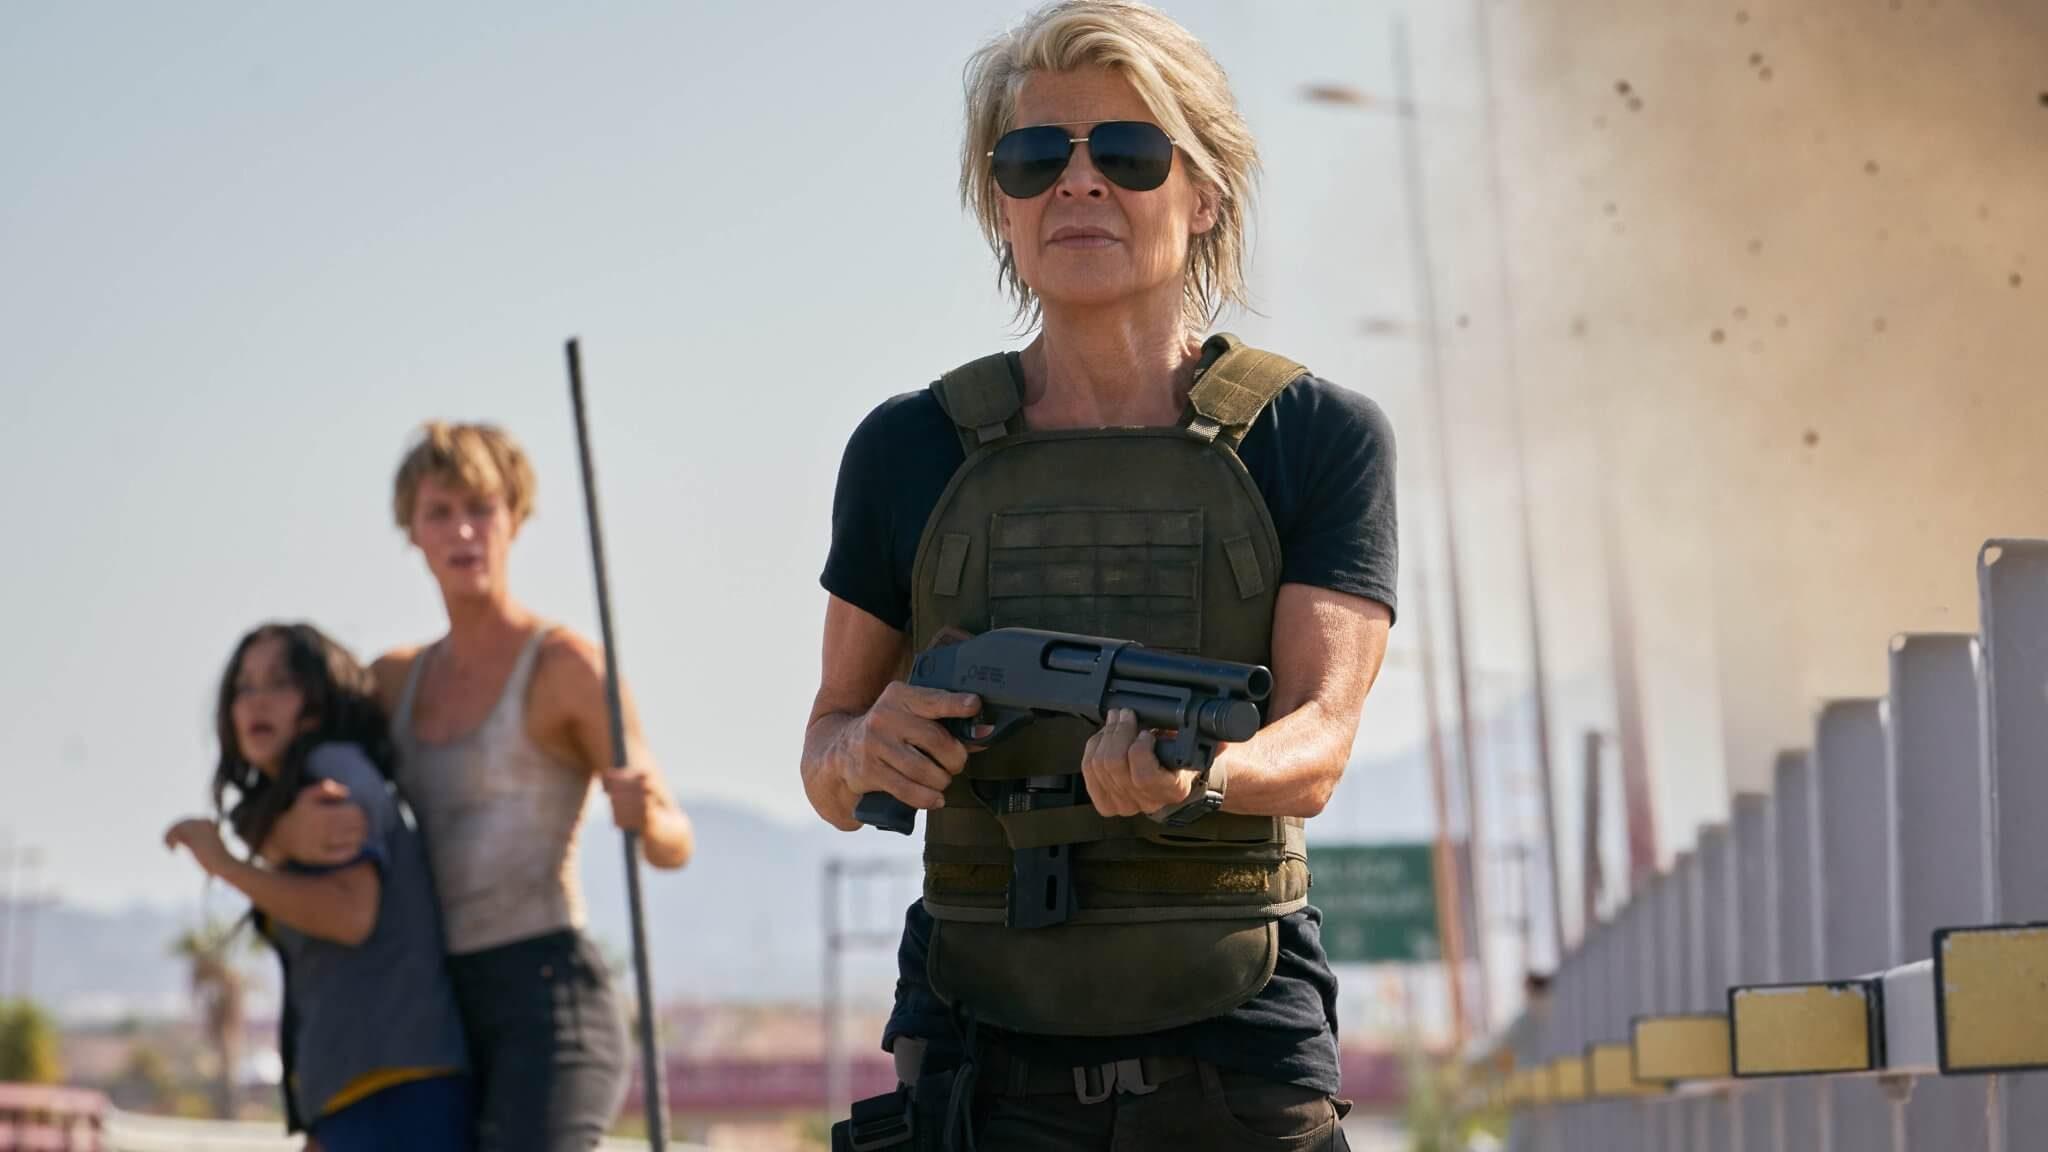 نابودگر: سرنوشت تاریک Terminator: Dark Fate – بازگشت قوی مجموعه فیلم های نابودگر